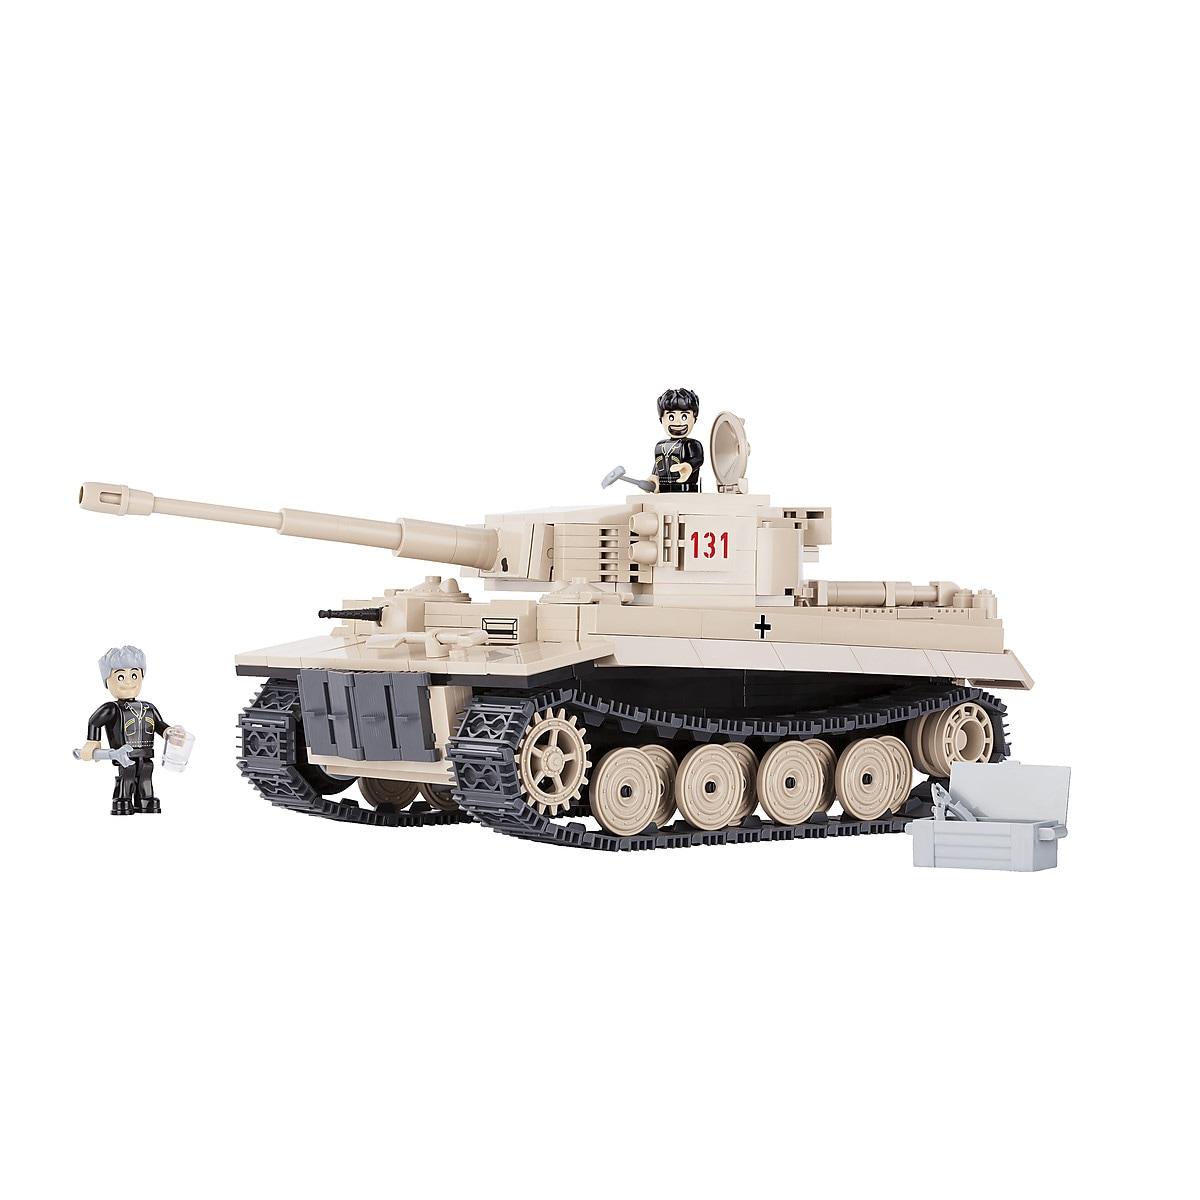 Rakennussarja panssarivaunu Tiger 131, Cobi